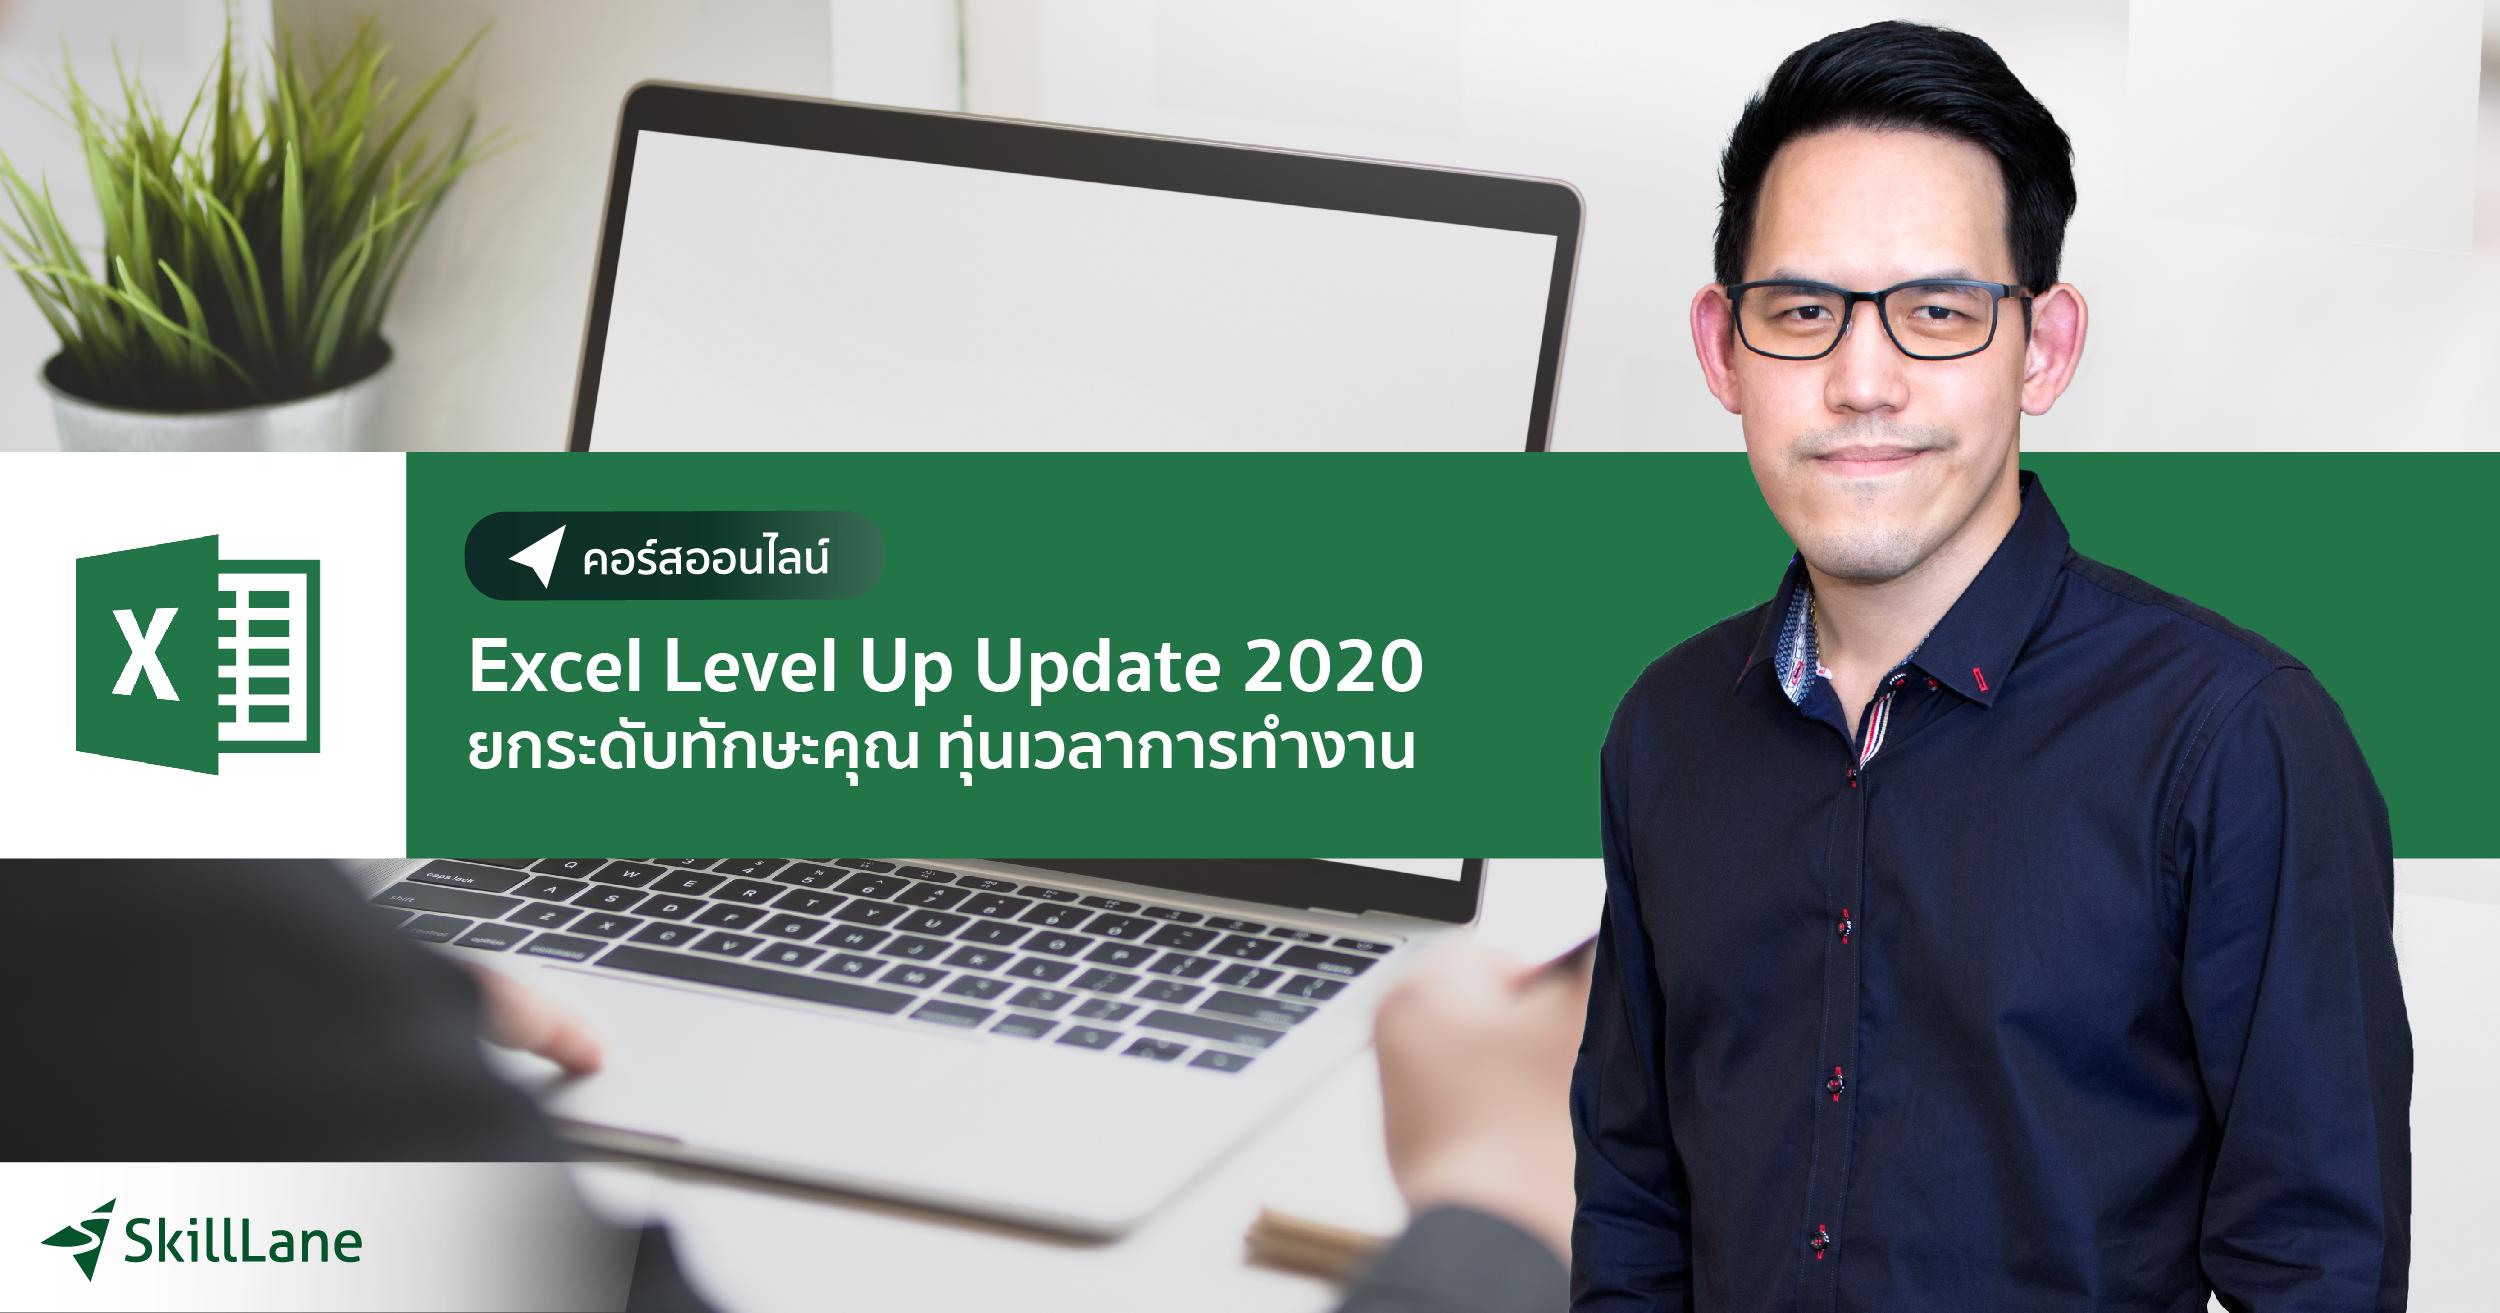 คอร์สออนไลน์ Excel Level Up Update 2020